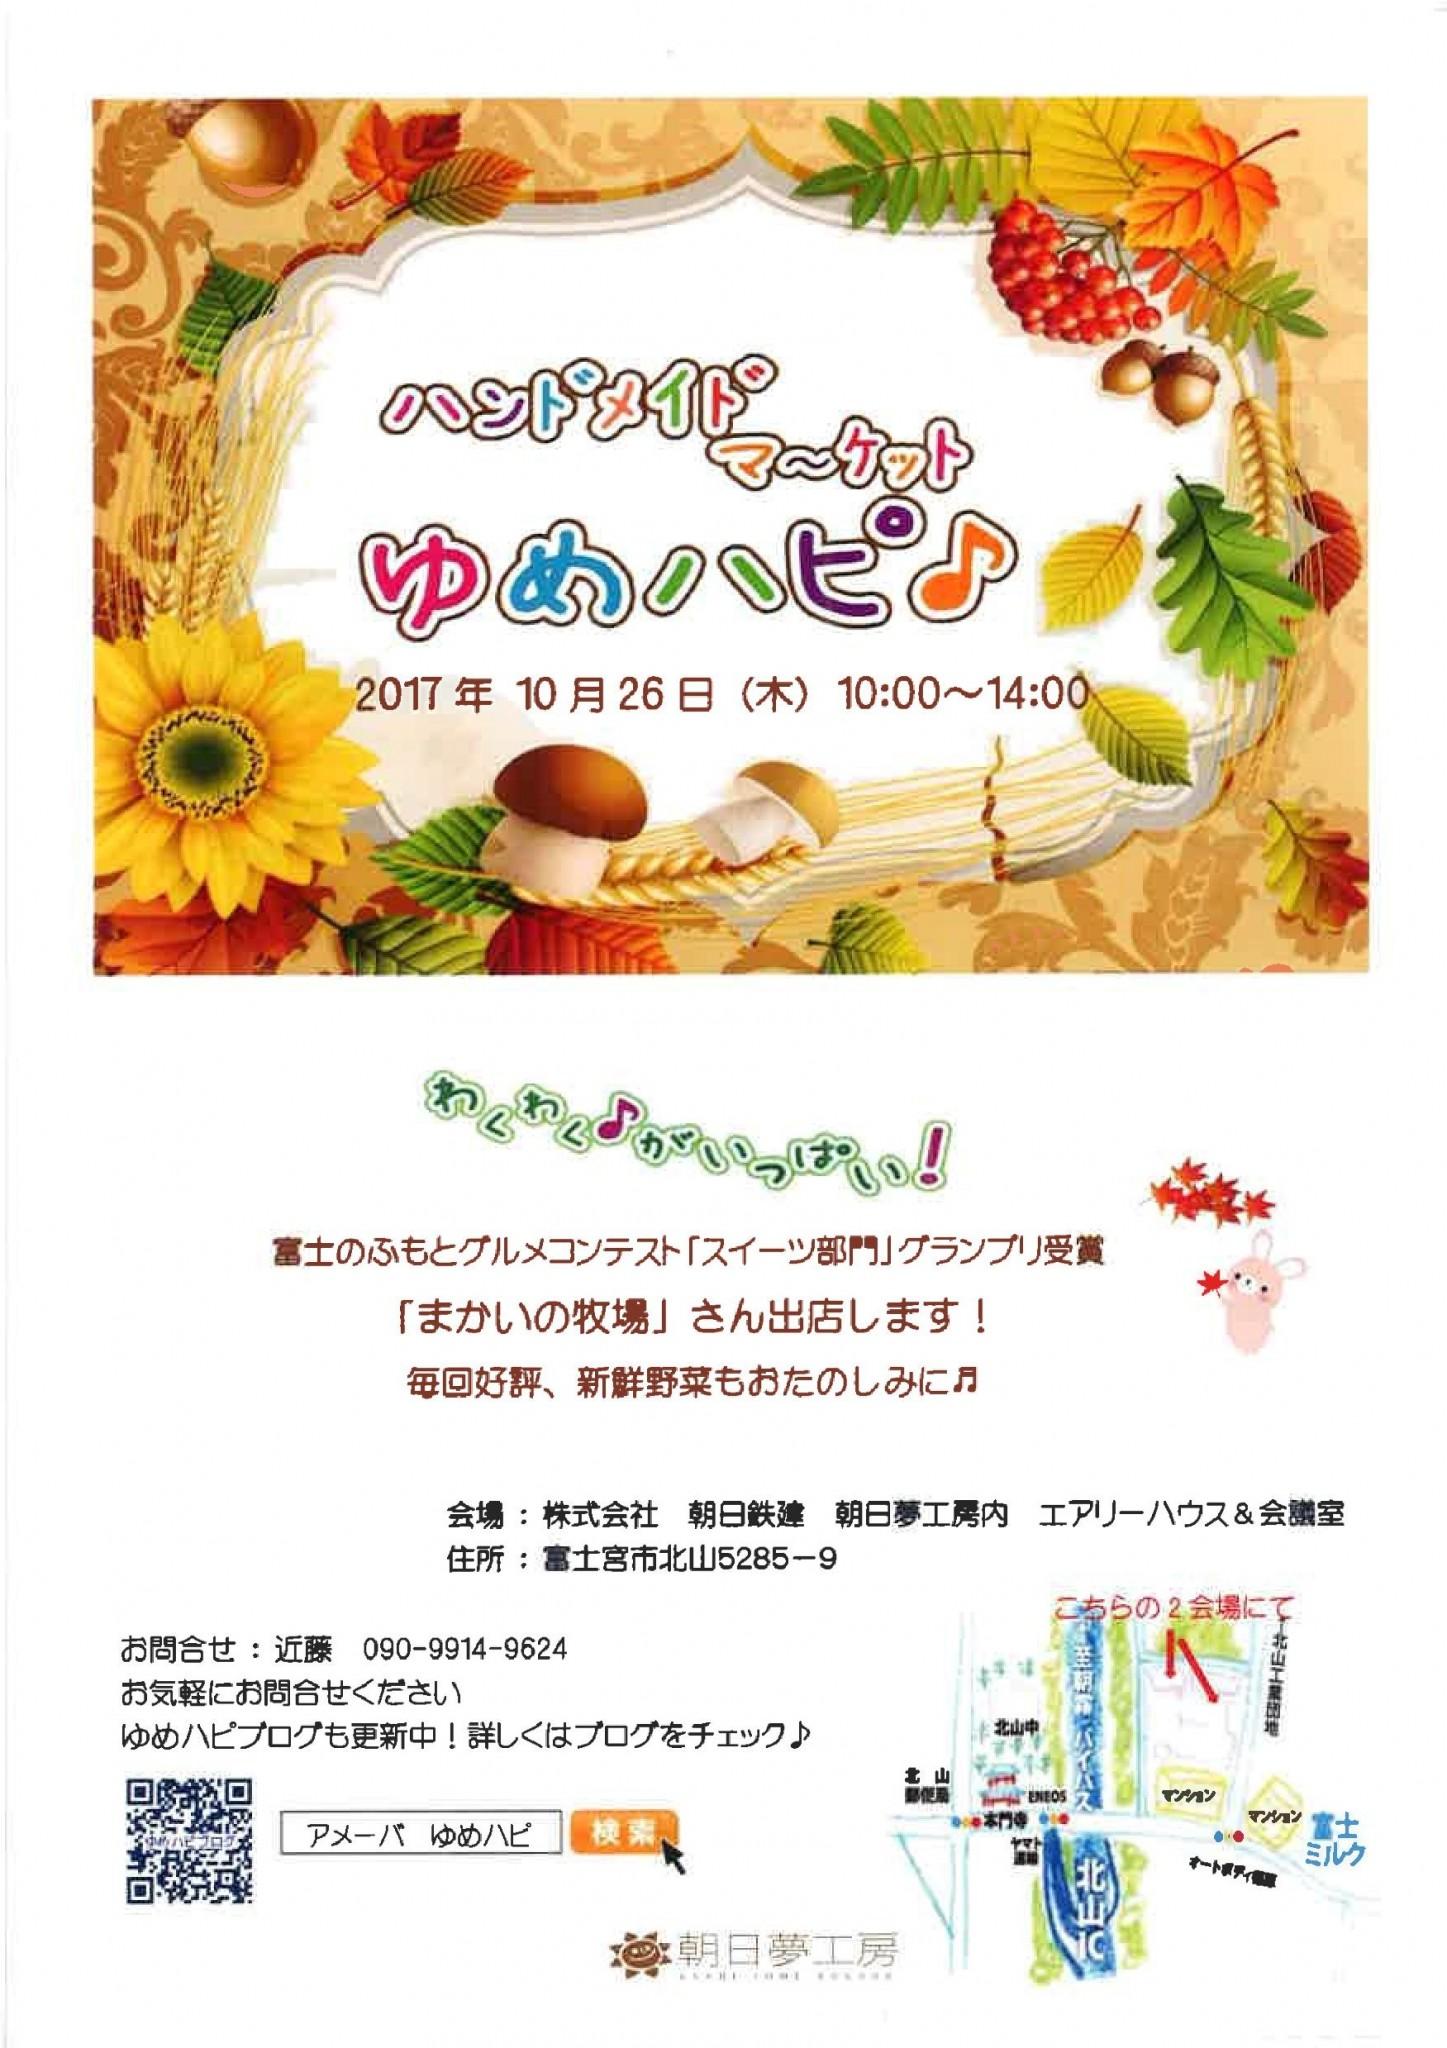 ゆめハピ♪マーケット10月26日開催のお知らせ!